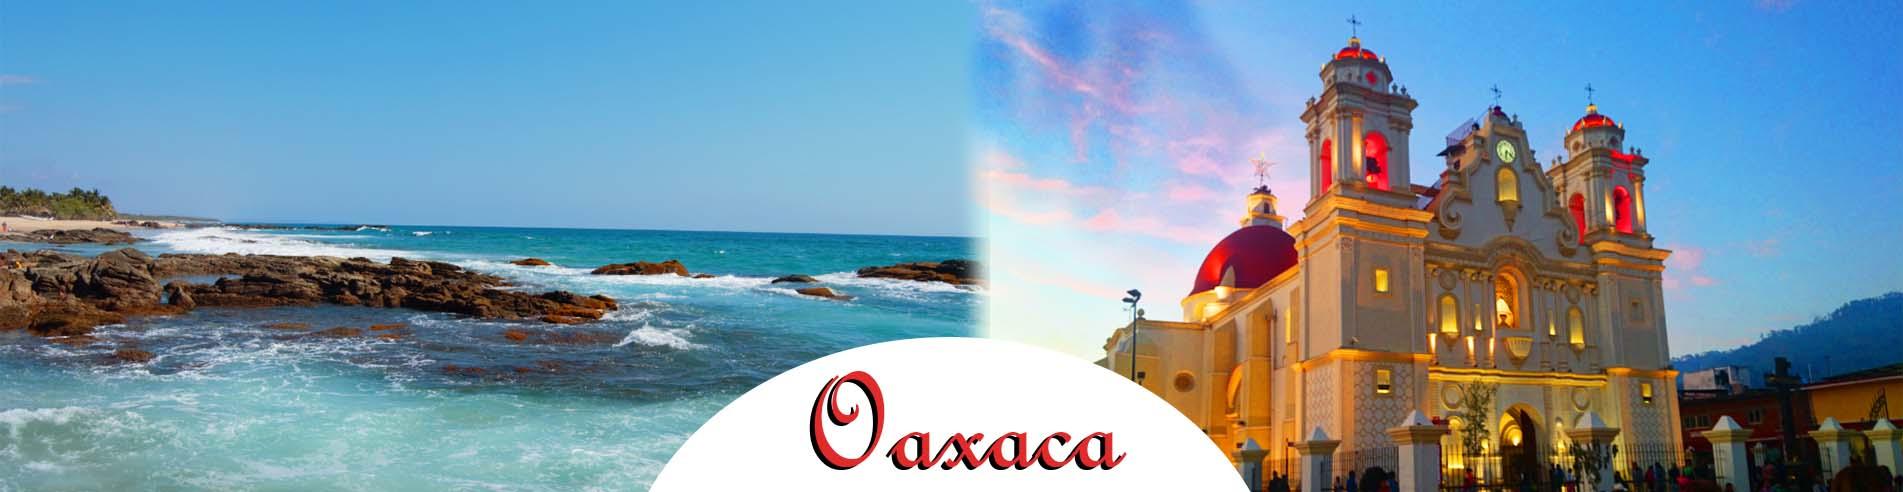 Qué hacer en Oaxaca,Turismo y Ecoturismo,México. - Qué Viaje